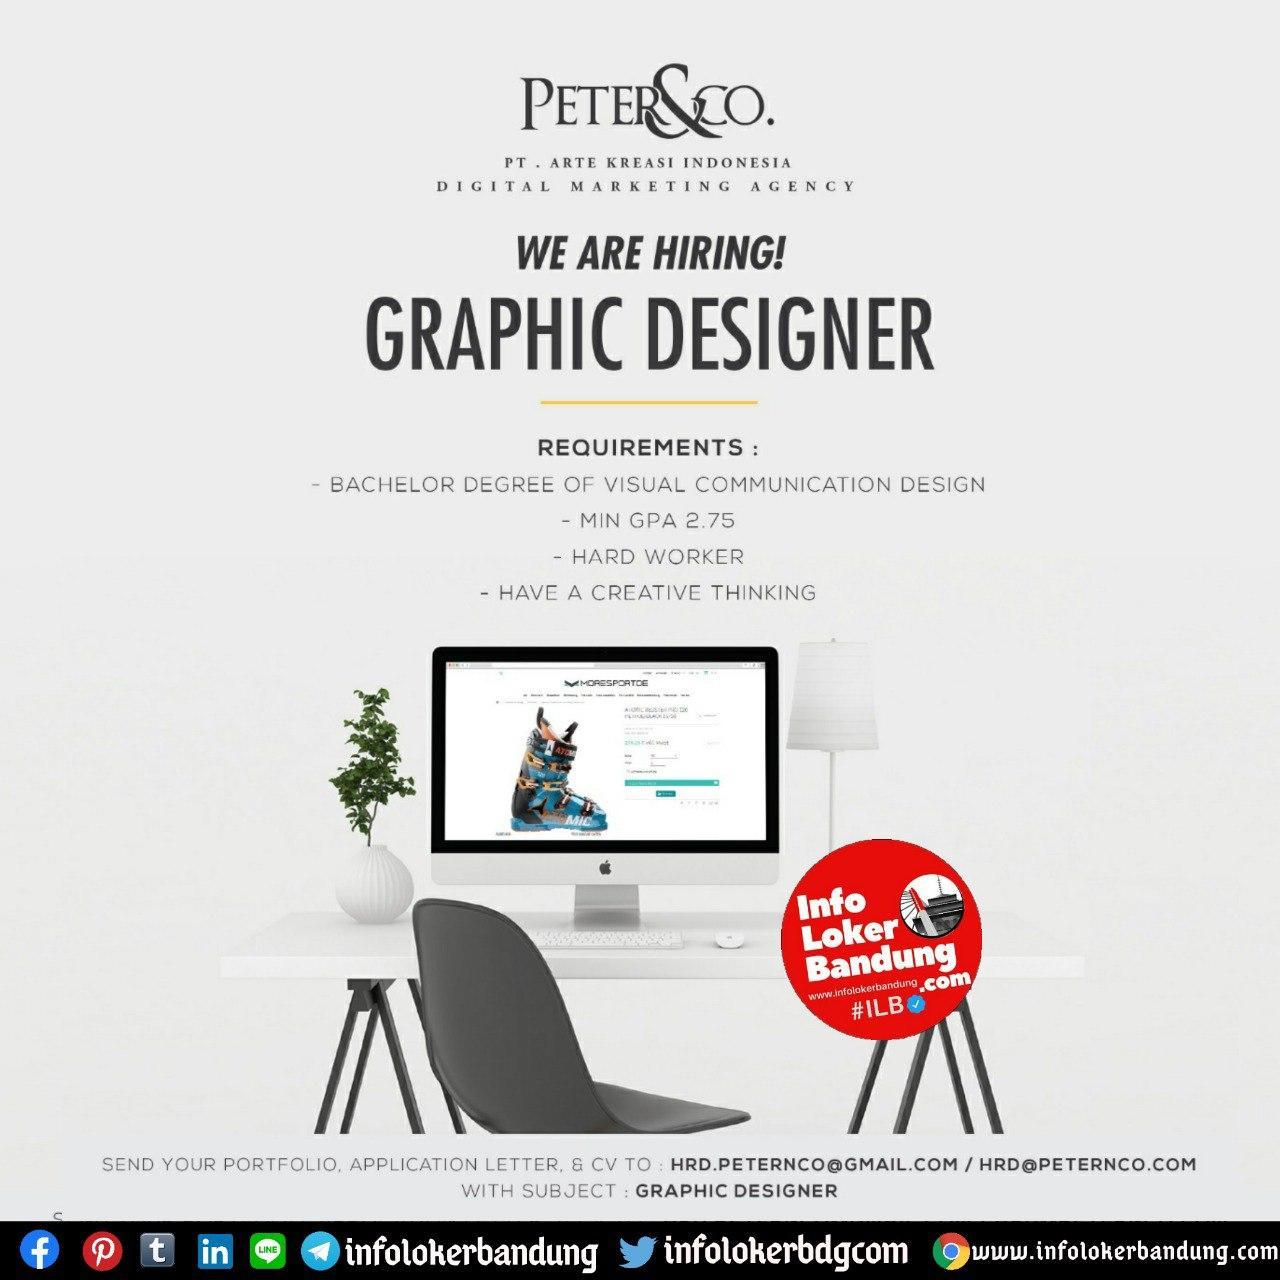 Lowongan Kerja Graphic Designer PT. Arte Kreasi Indonesia (Peter&Co) Bandung Juli 2020